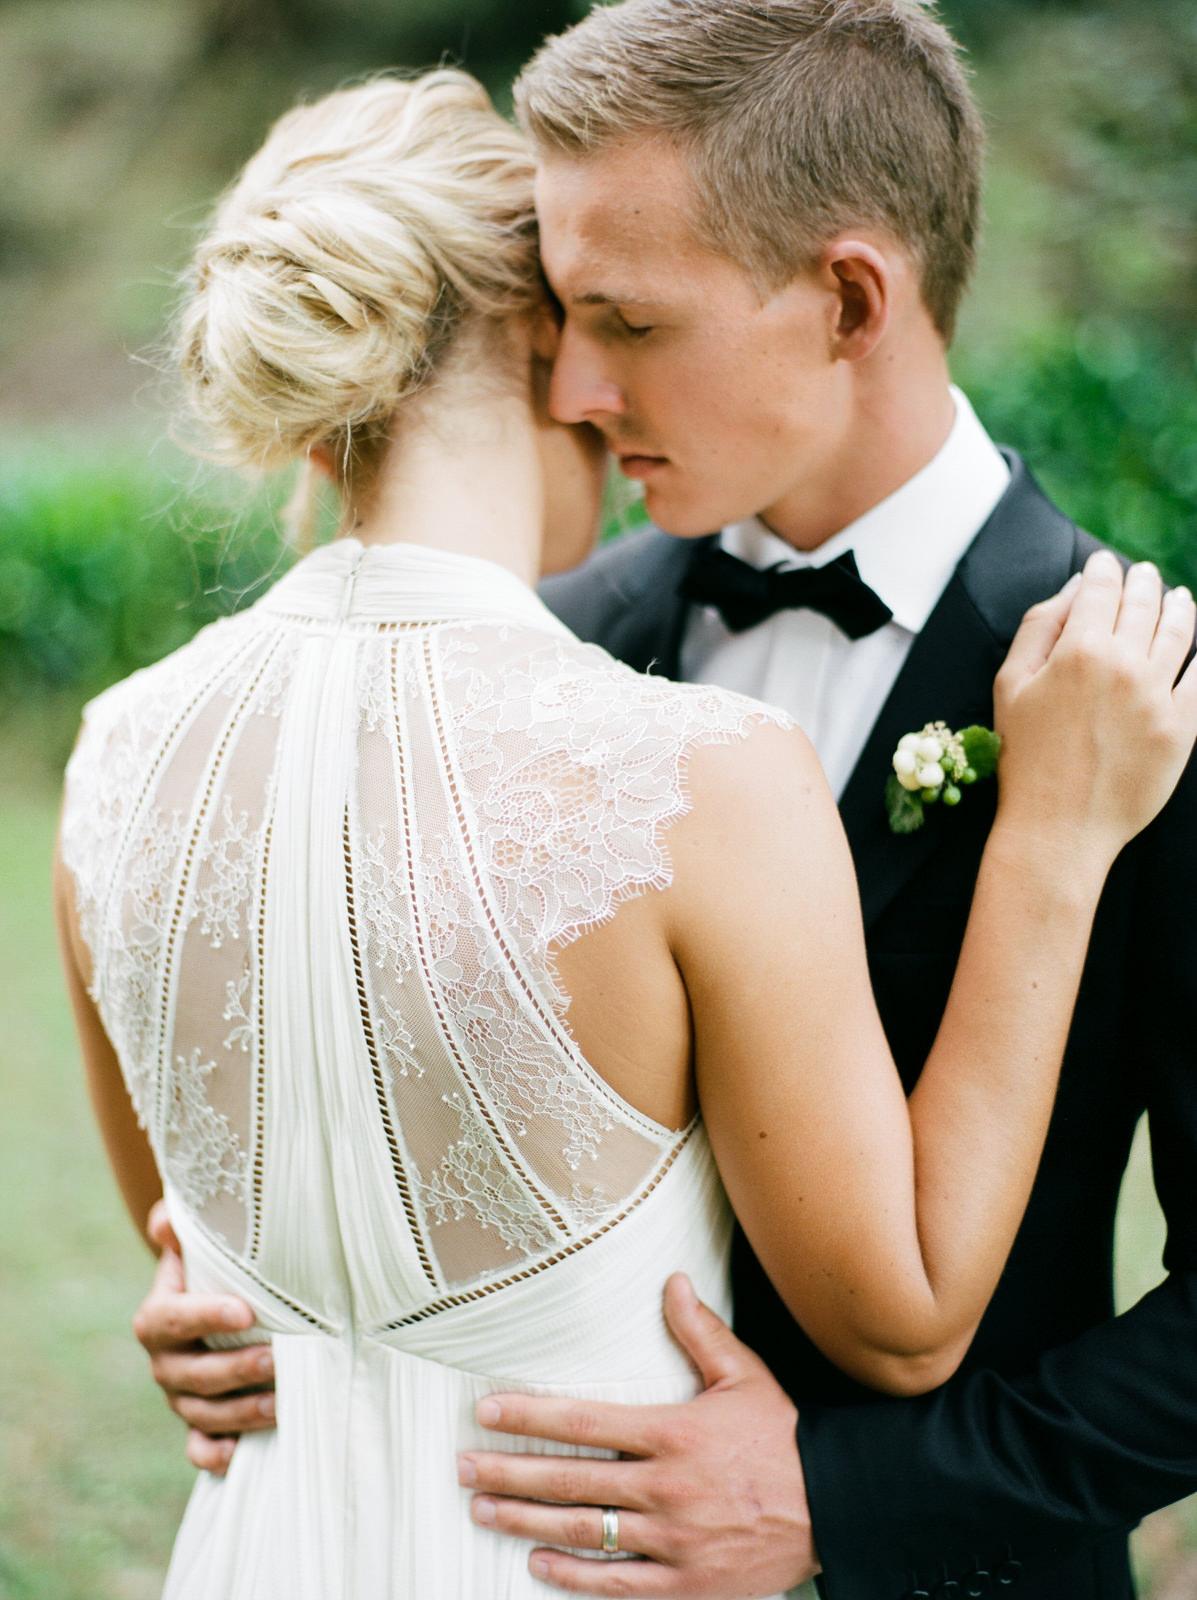 waop_theriftbowral_elopement-0443 (1).jpg